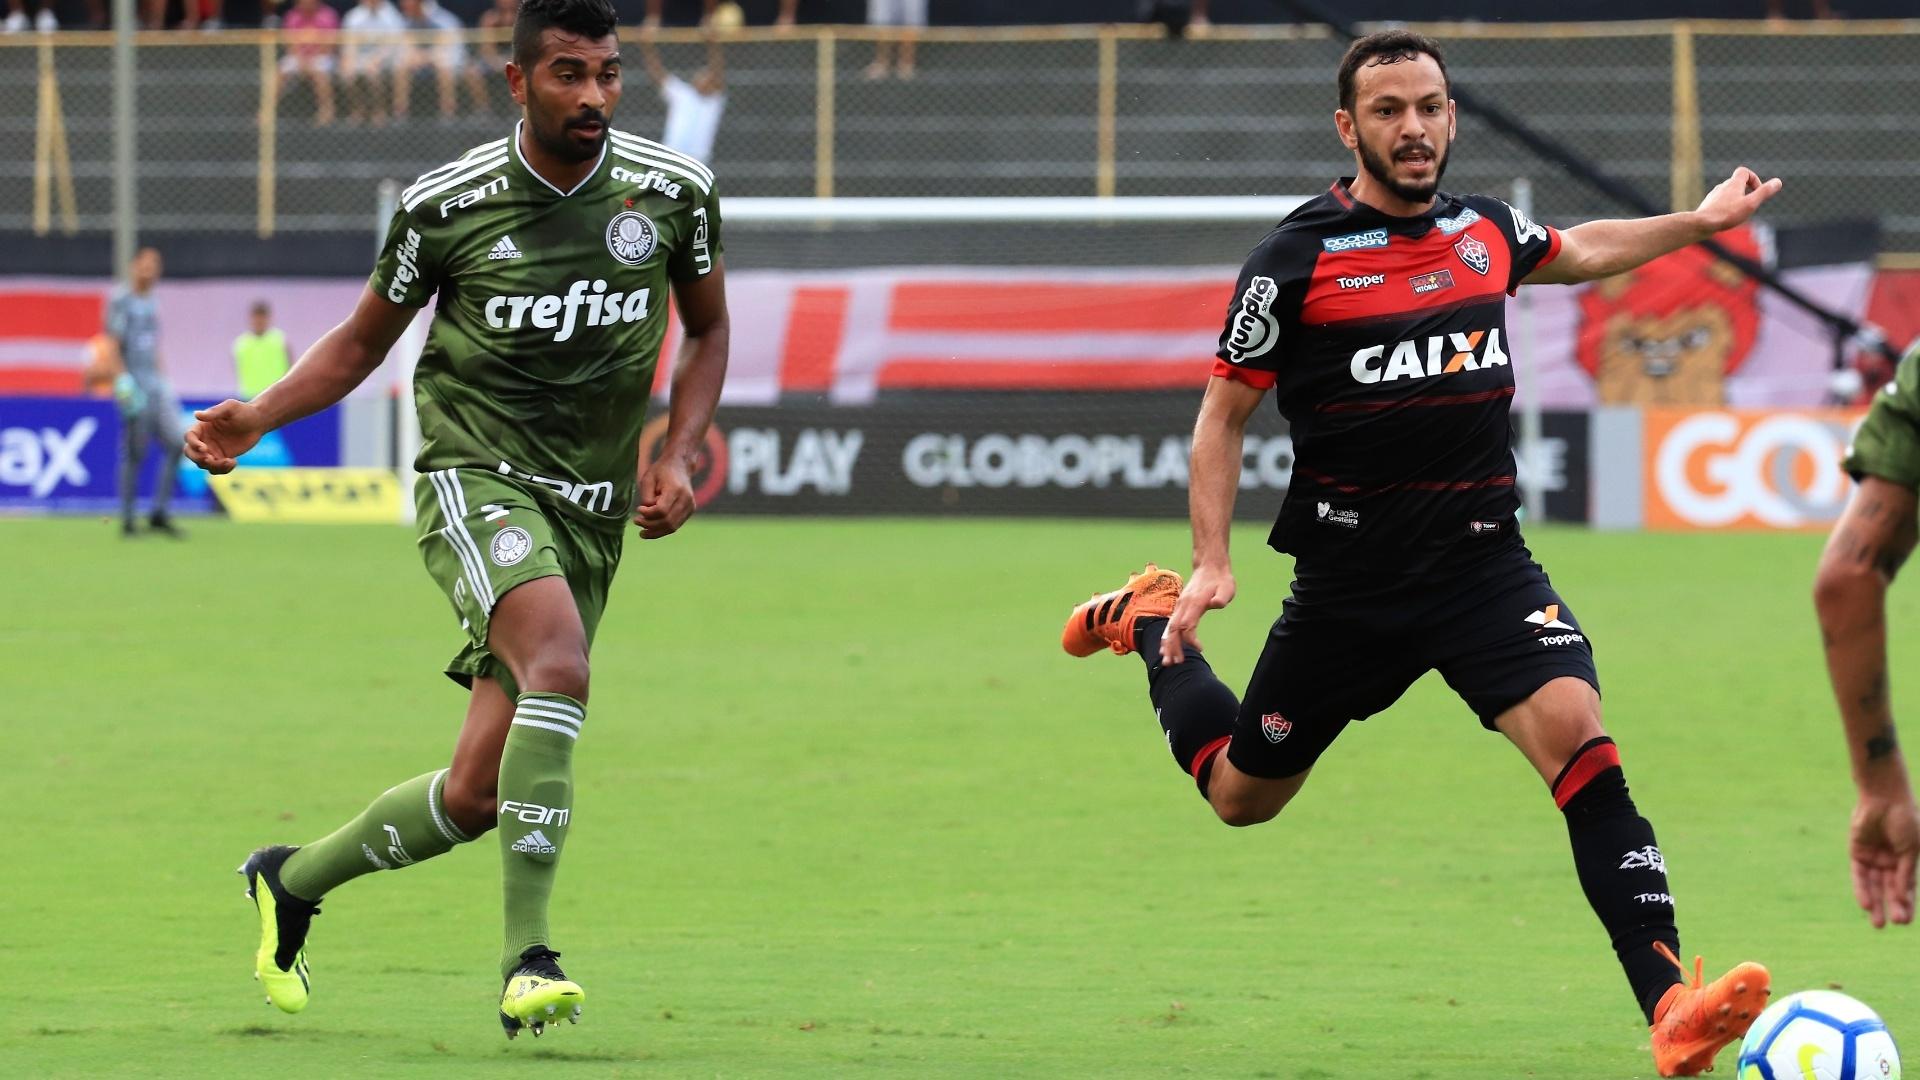 Yago passa pela marcação de Thiago Santos no jogo entre Vitória e Palmeiras